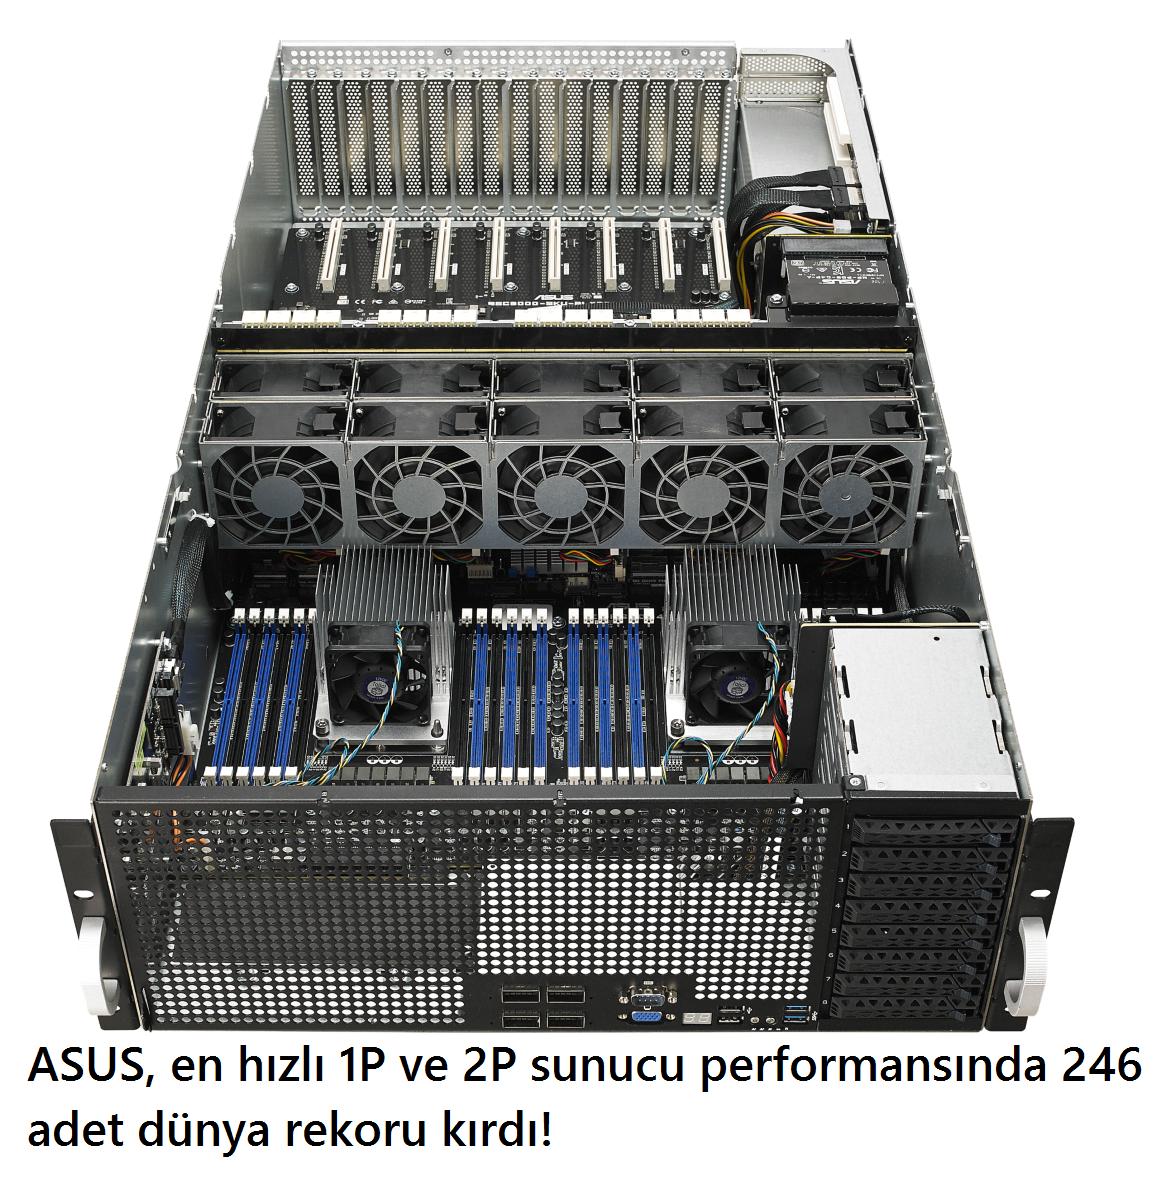 tekirdağ ASUS, en hızlı 1P ve 2P sunucu performansında 246 adet dünya rekoru kırdı!